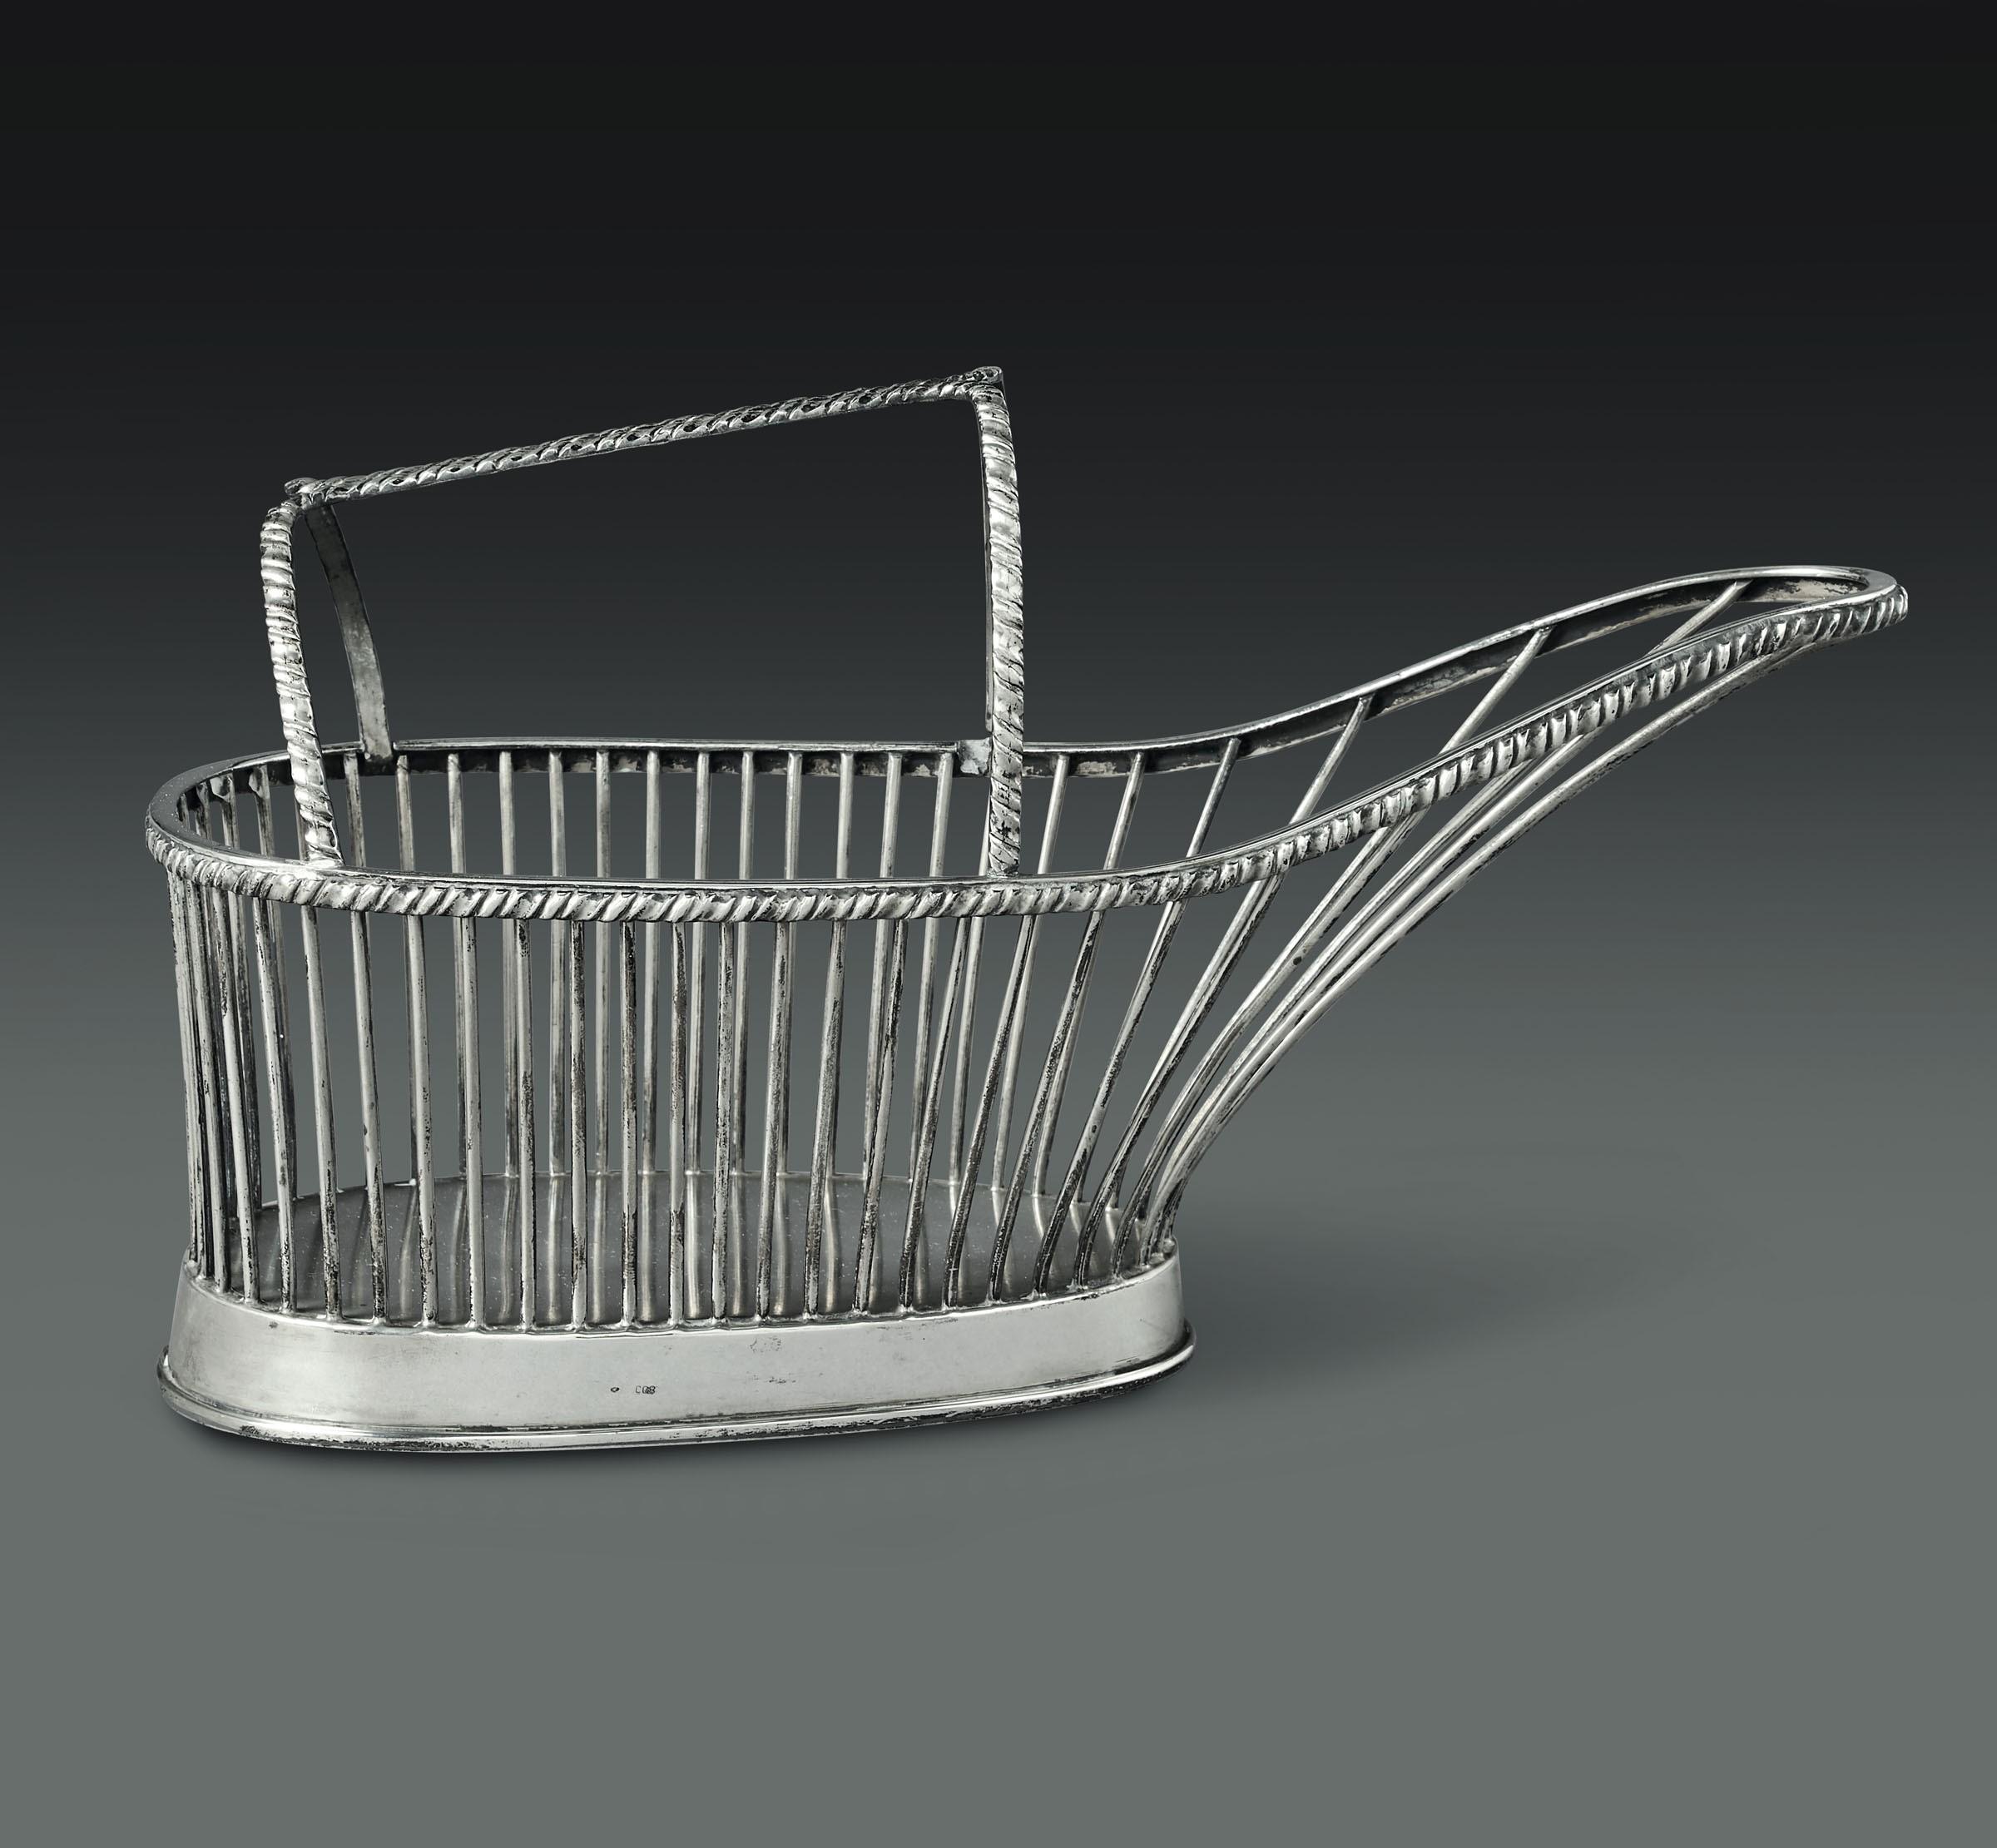 Lot 56 - Portabottiglia in argento con decoro San Marco. Argenteria artistica del XX secolo, [...]